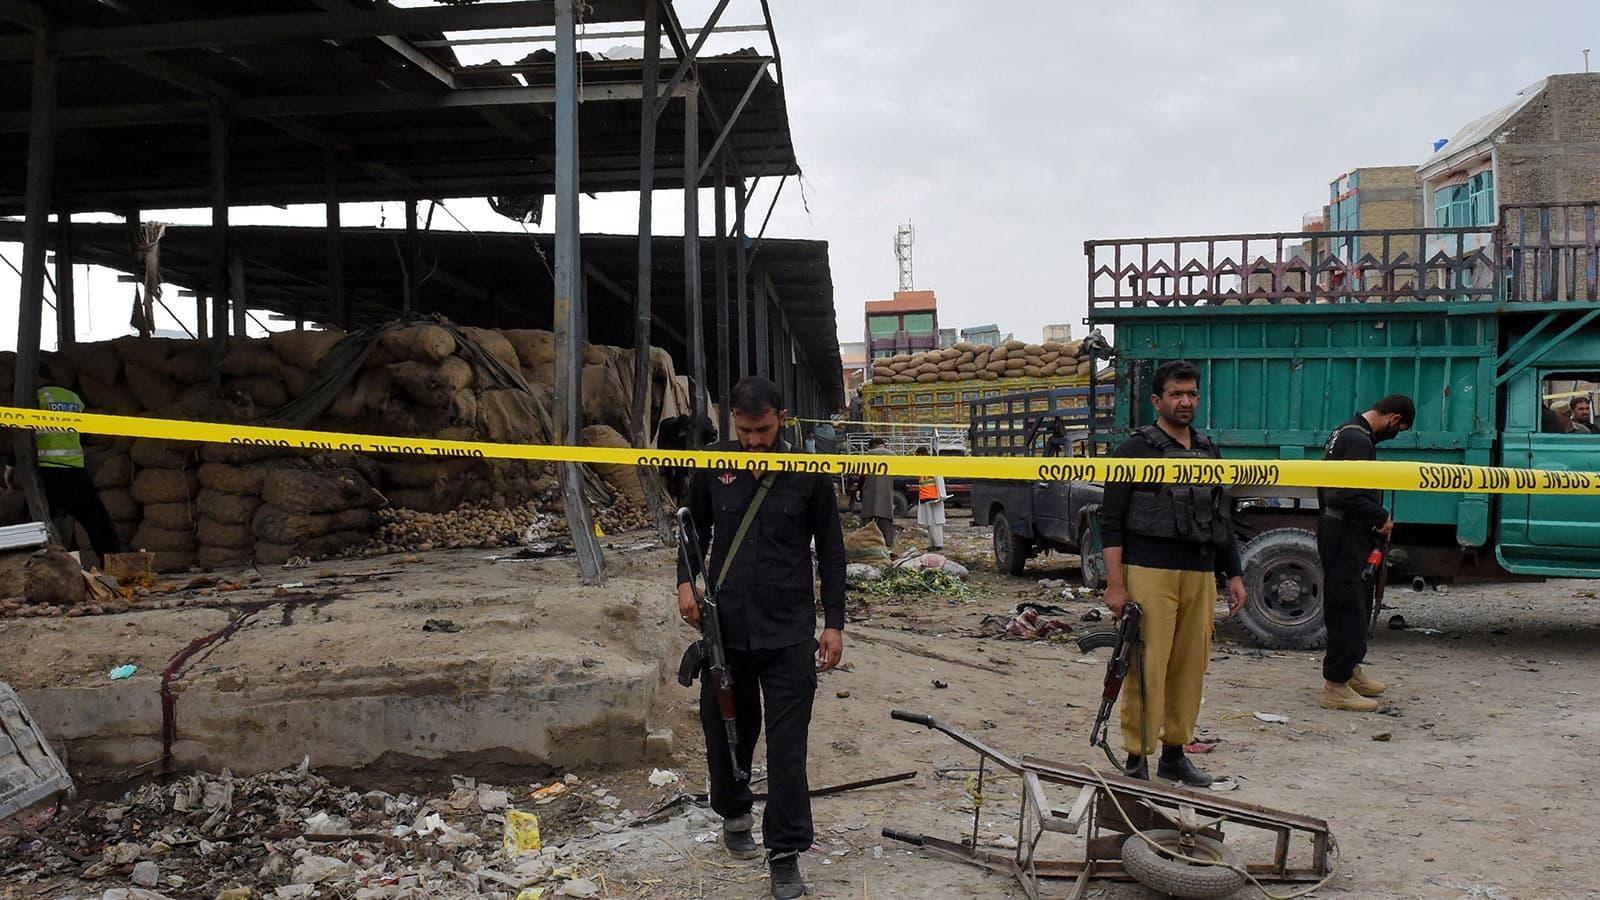 دھماکے کے فوراً بعد سیکیورٹی اہلکاروں نے علاقہ خالی کروالیا—تصویر: اے ایف پی